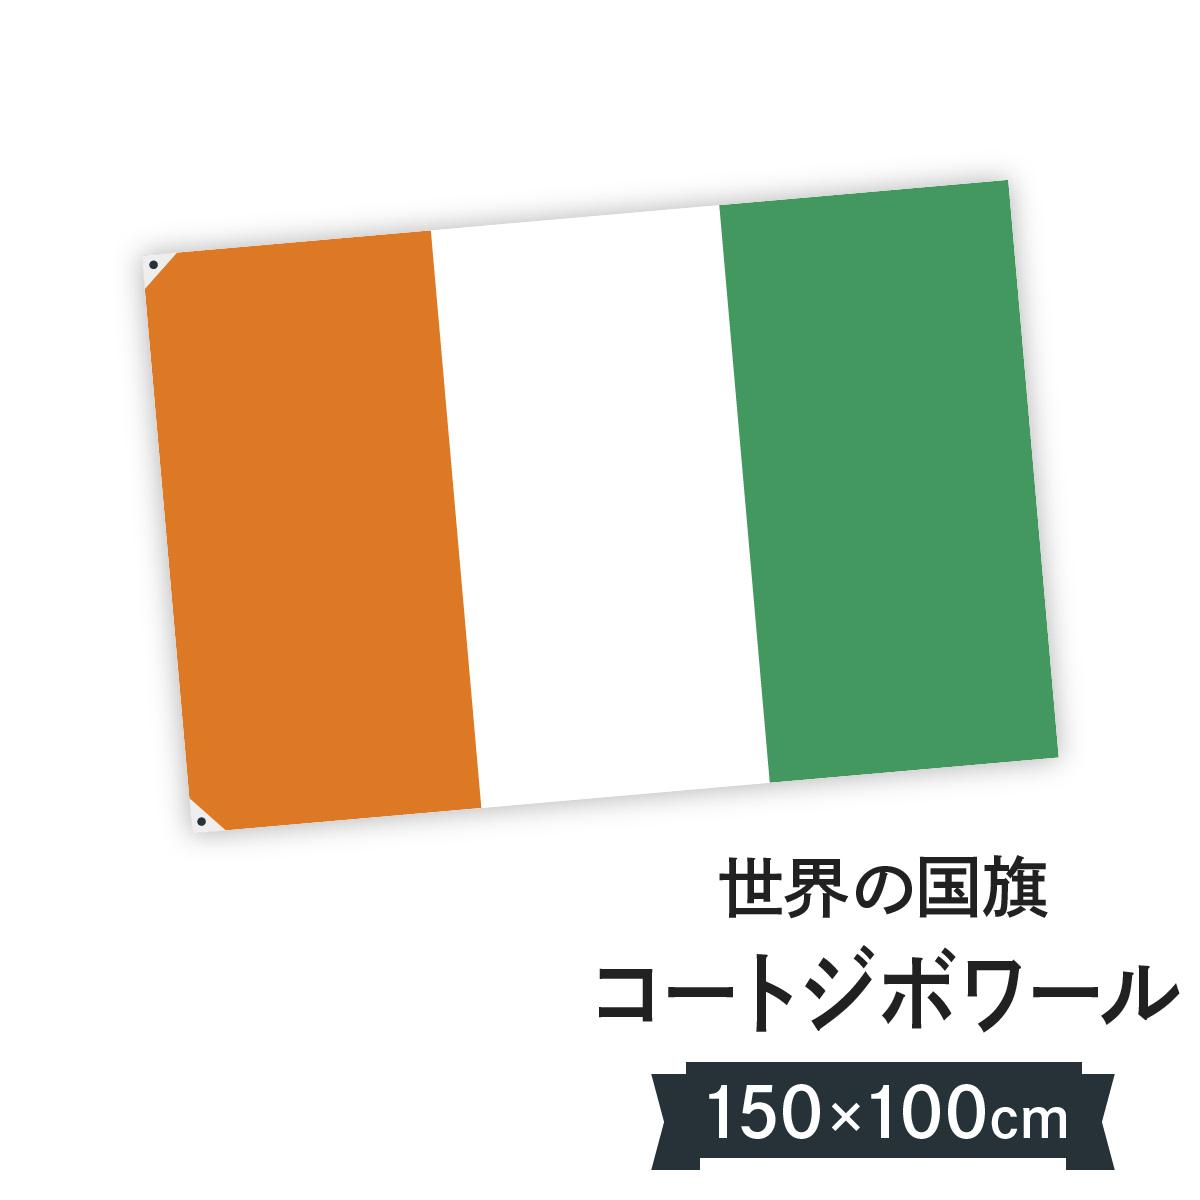 コートジボワール共和国 国旗 W150cm H100cm